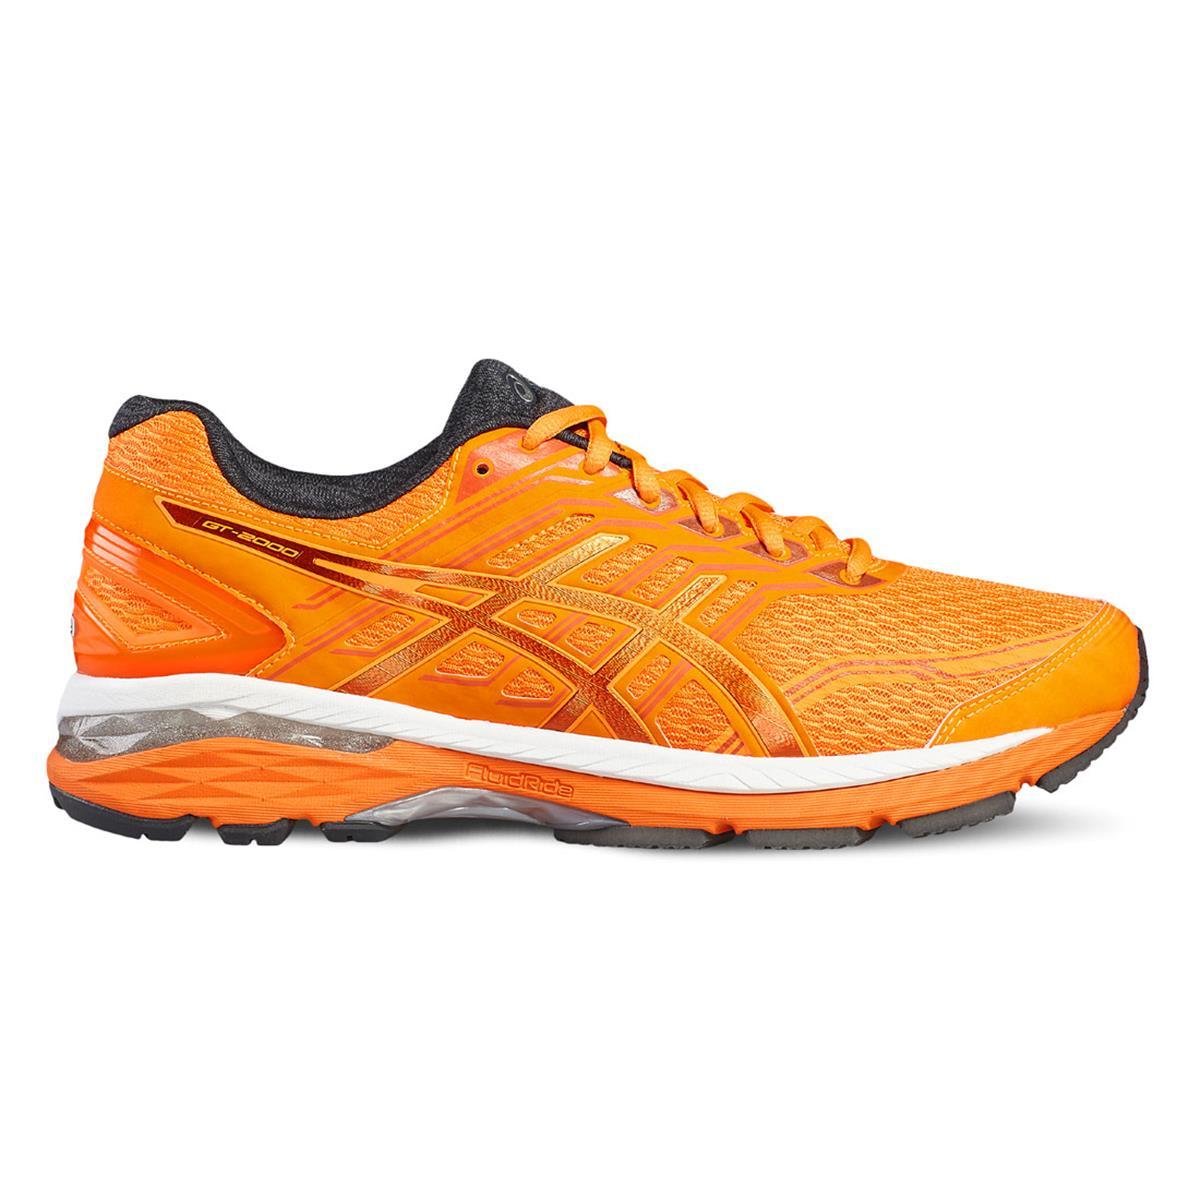 asics gt 2000 5 mens running shoes orange. Black Bedroom Furniture Sets. Home Design Ideas